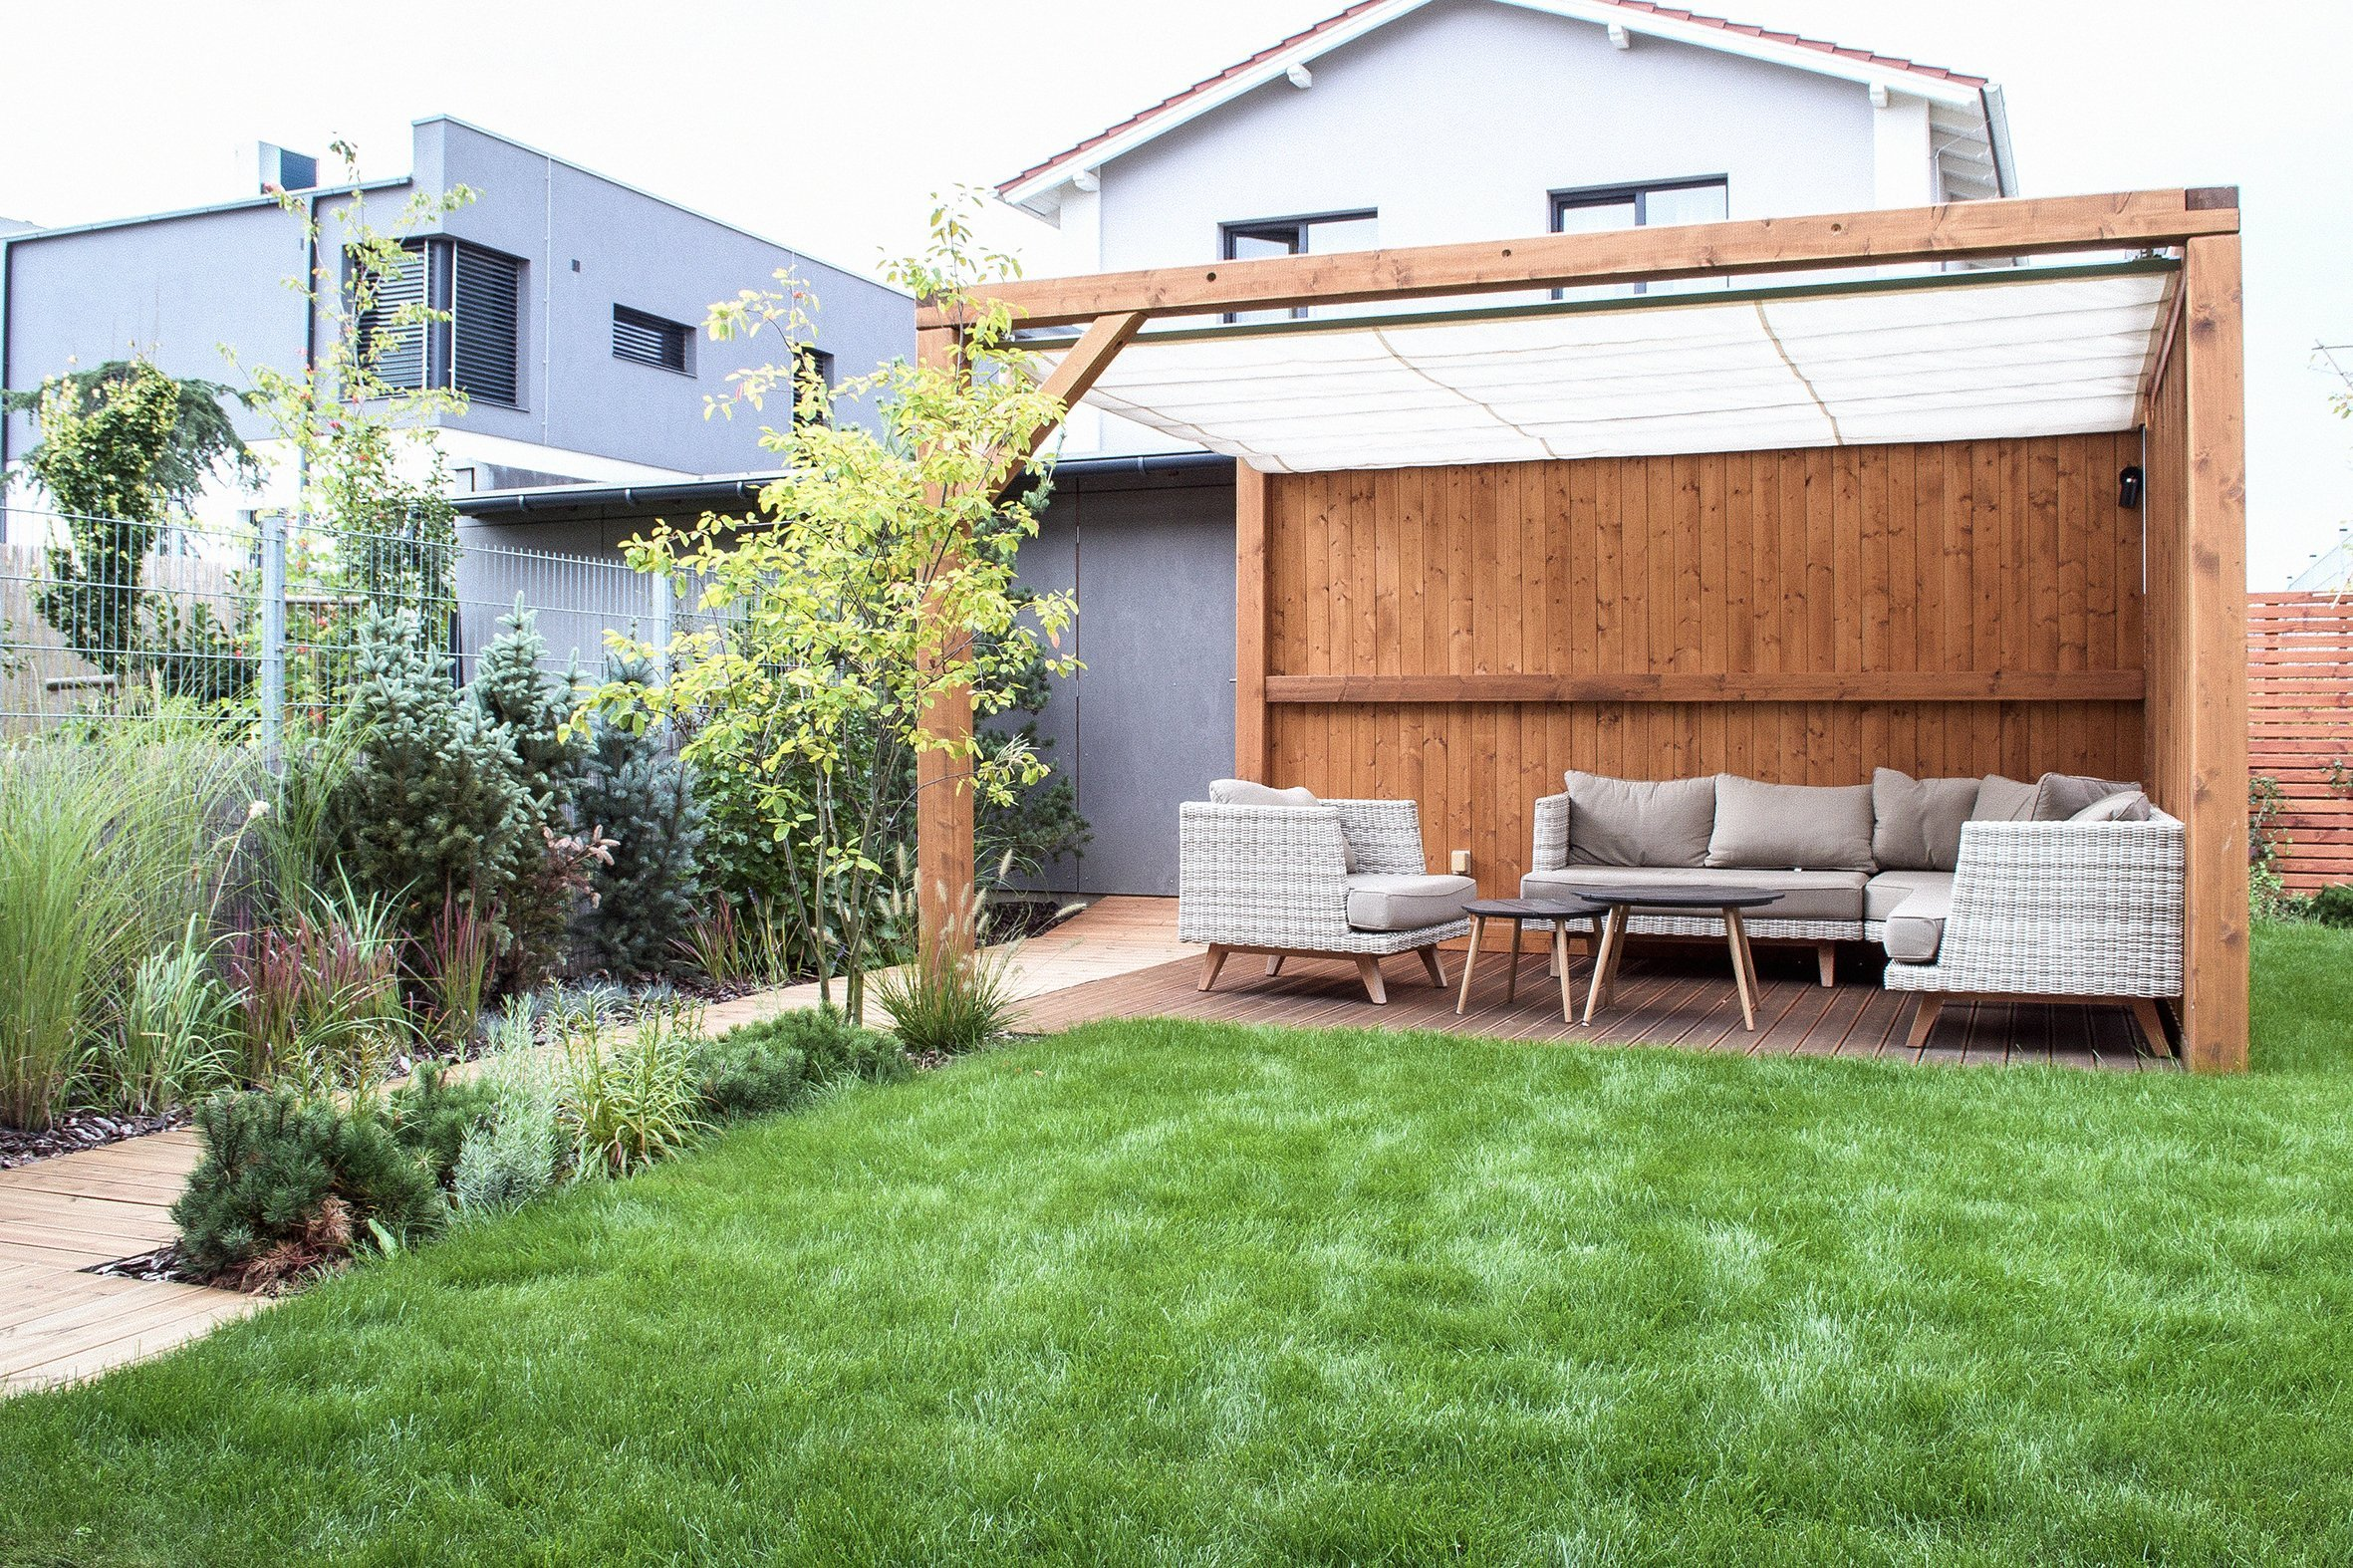 Malý prostor zahrady a její lokalizace mezi bytovou zástavbou má velký vliv na koncept zahrady.Návrh zahrady v Prazeje založen na jednoduchých…